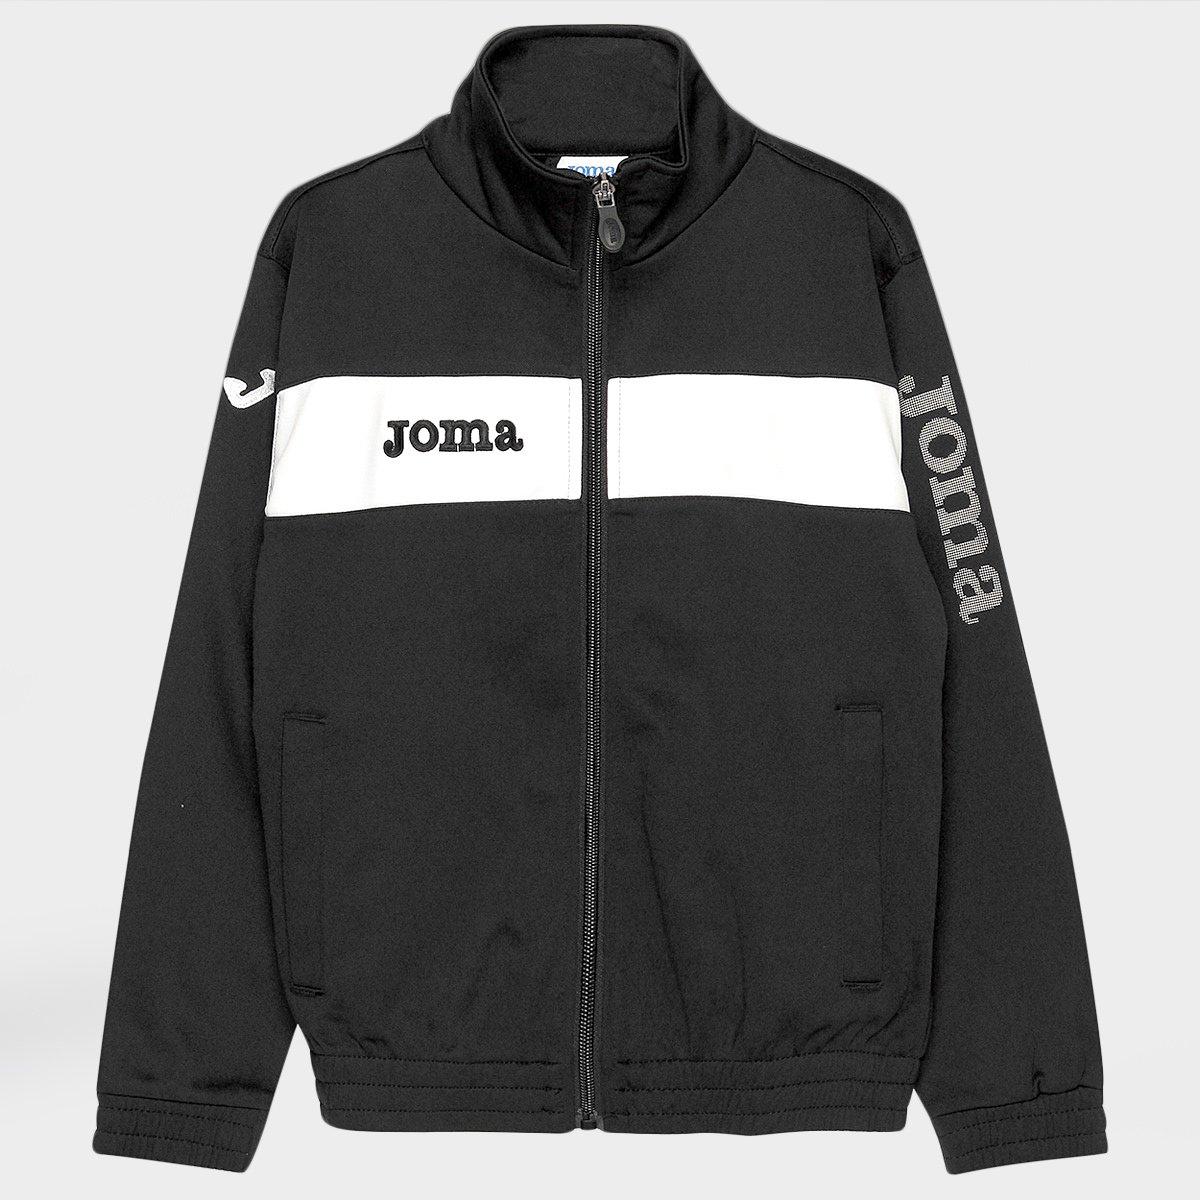 Jaqueta Infantil Joma Academy - Compre Agora  588d7bdfcc260